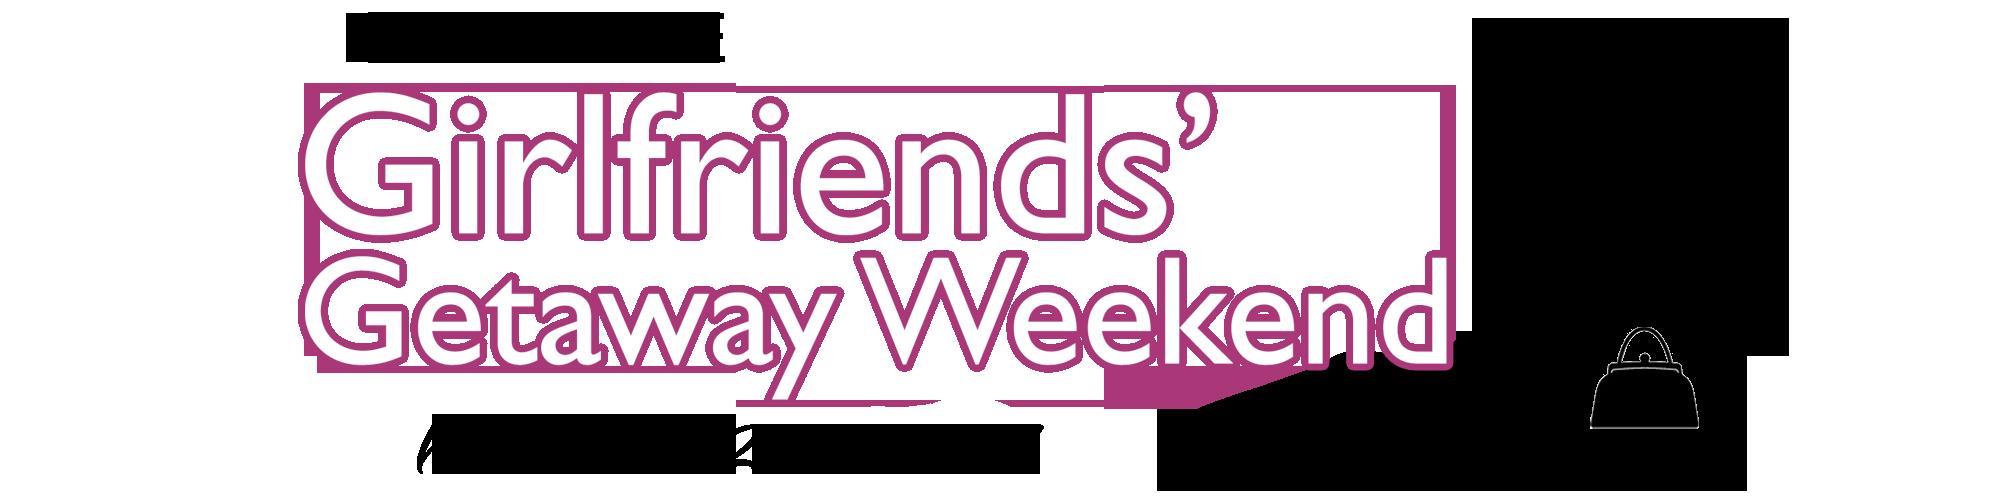 Girlfriends Getaway Weekend 2021 Logo